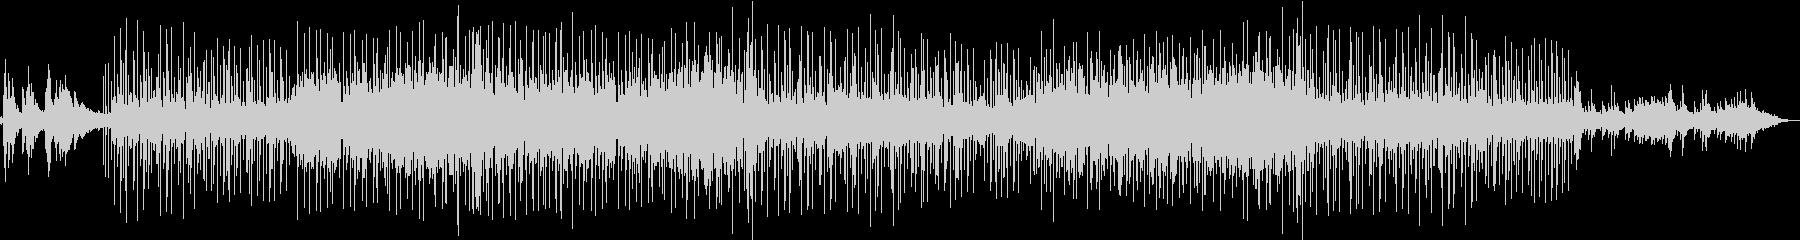 伝統中国音楽アレンジによるポップスの未再生の波形